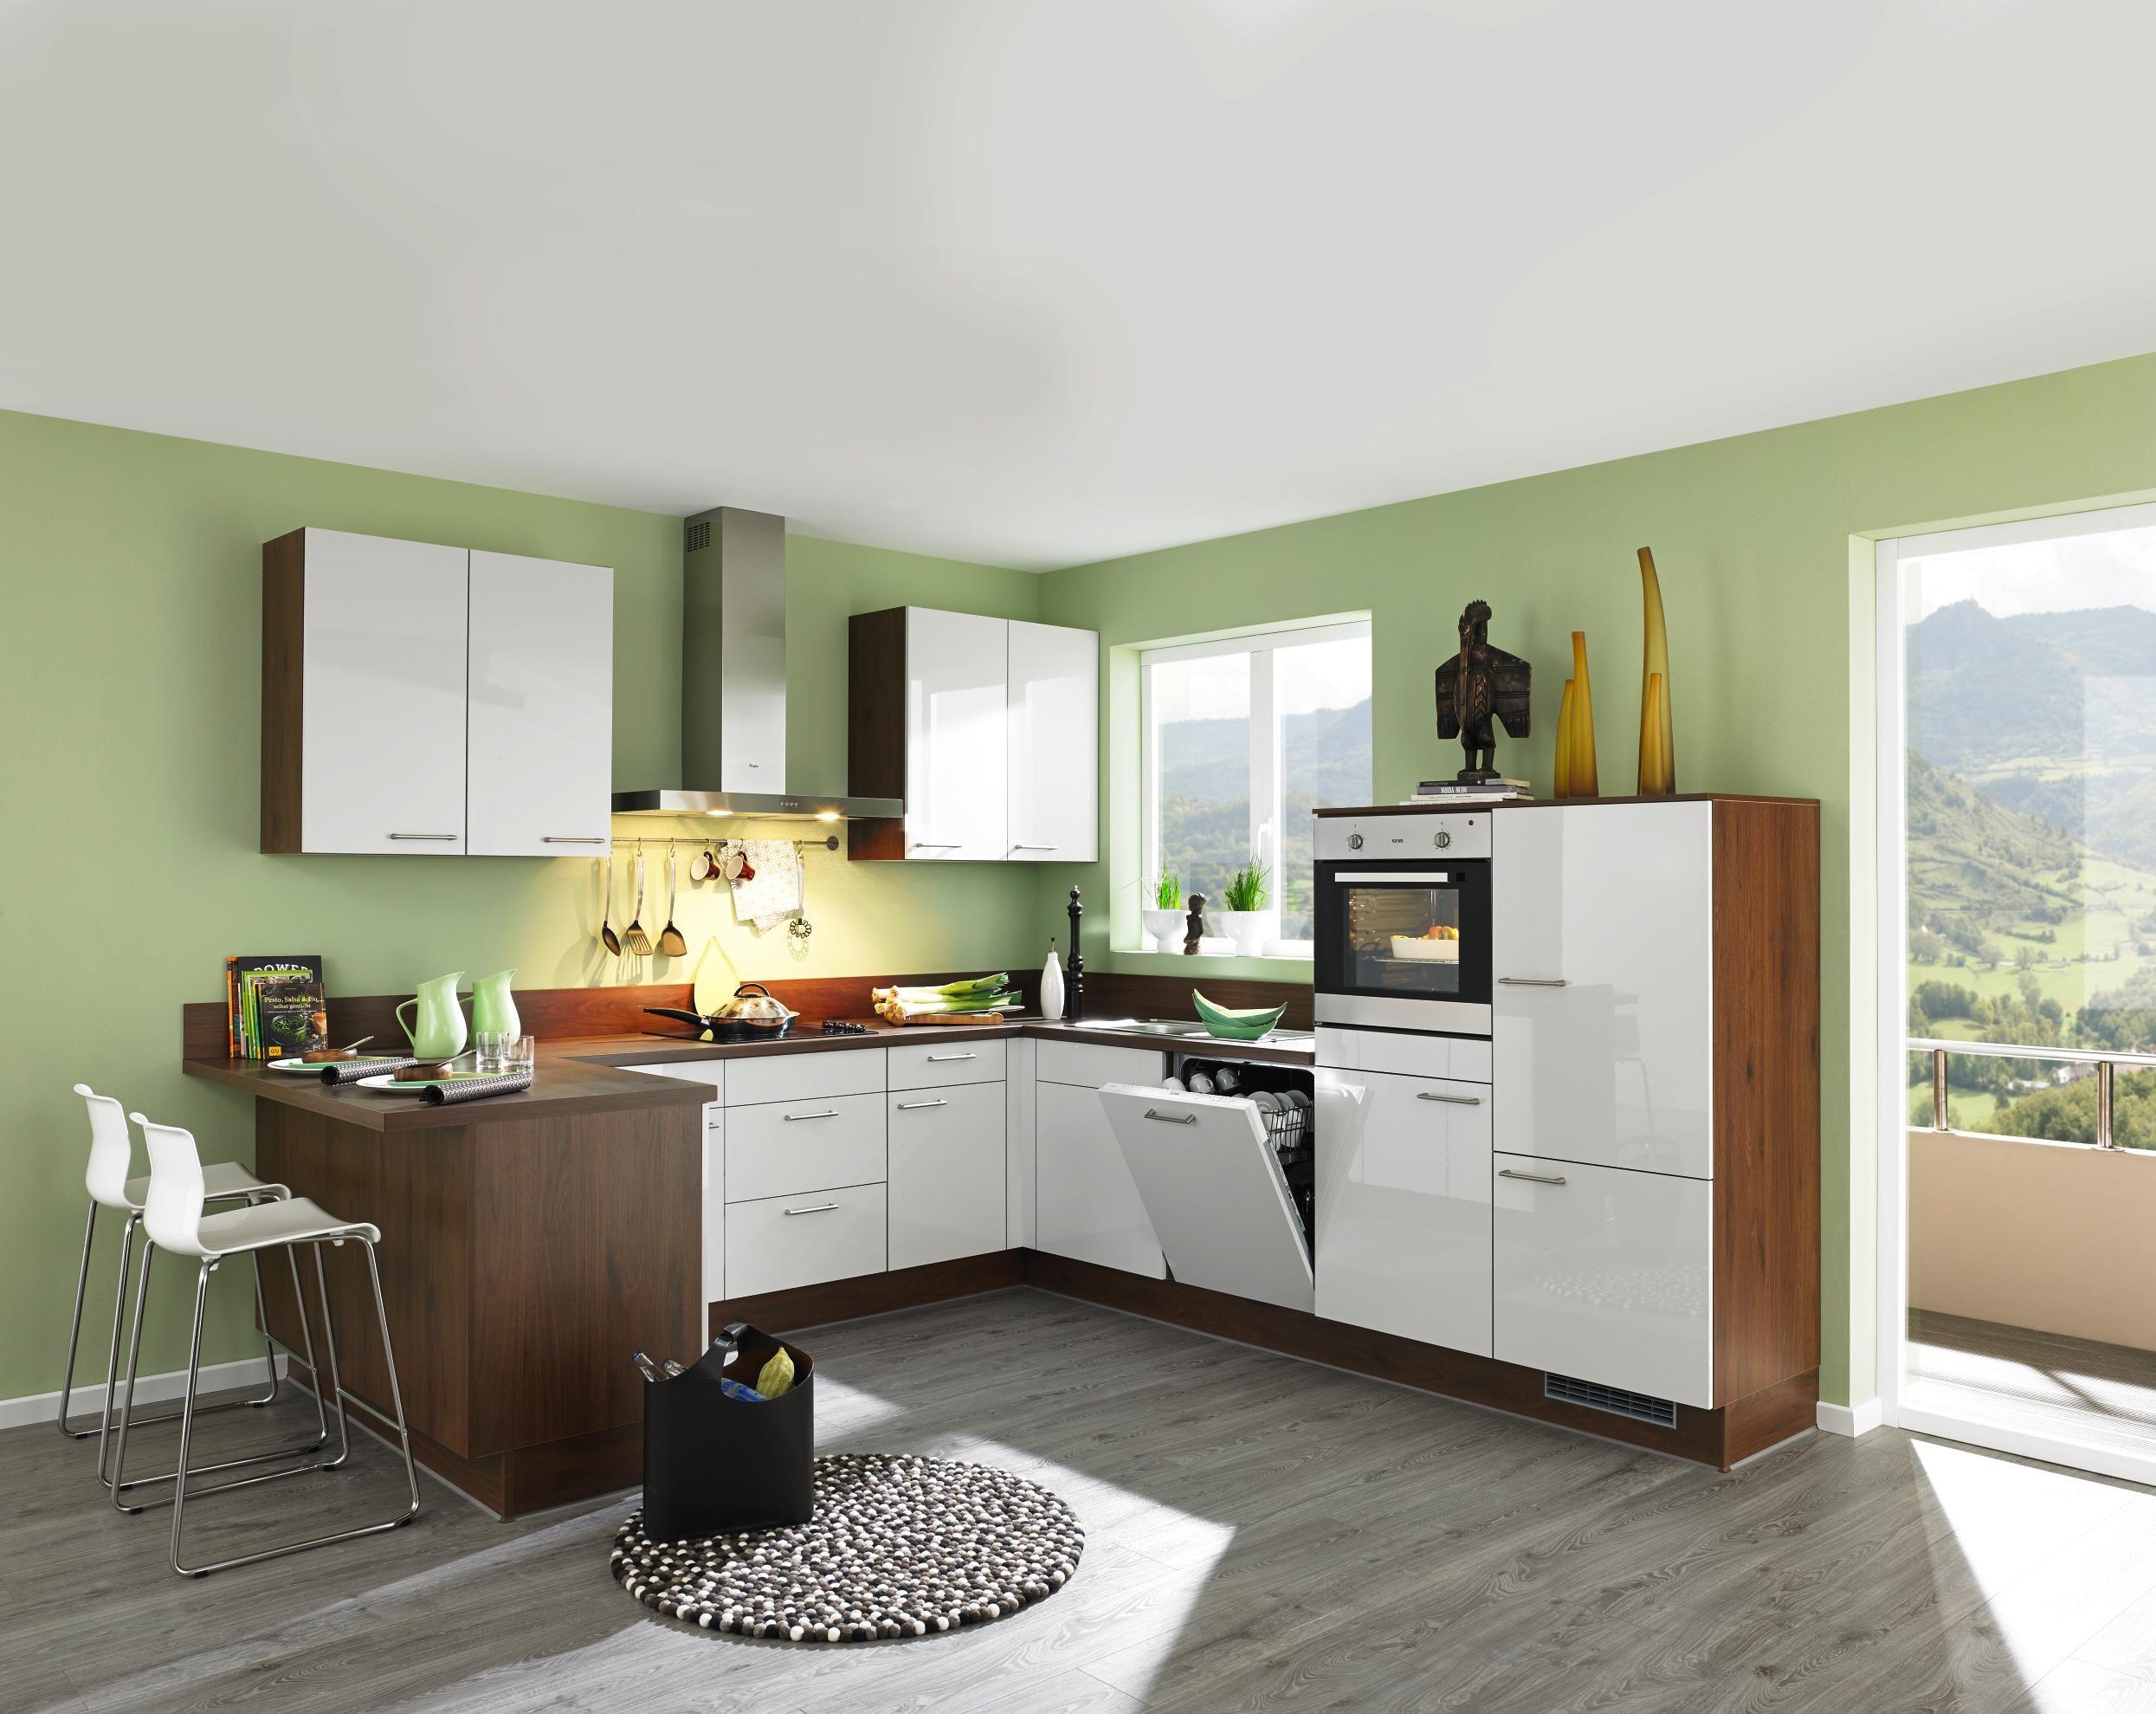 Full Size of Küche Mit Elektrogeräten Real Küche Mit Elektrogeräten Roller Küche Mit Elektrogeräten Geschirrspüler Küche Mit Freistehenden Elektrogeräten Küche Eckküche Mit Elektrogeräten